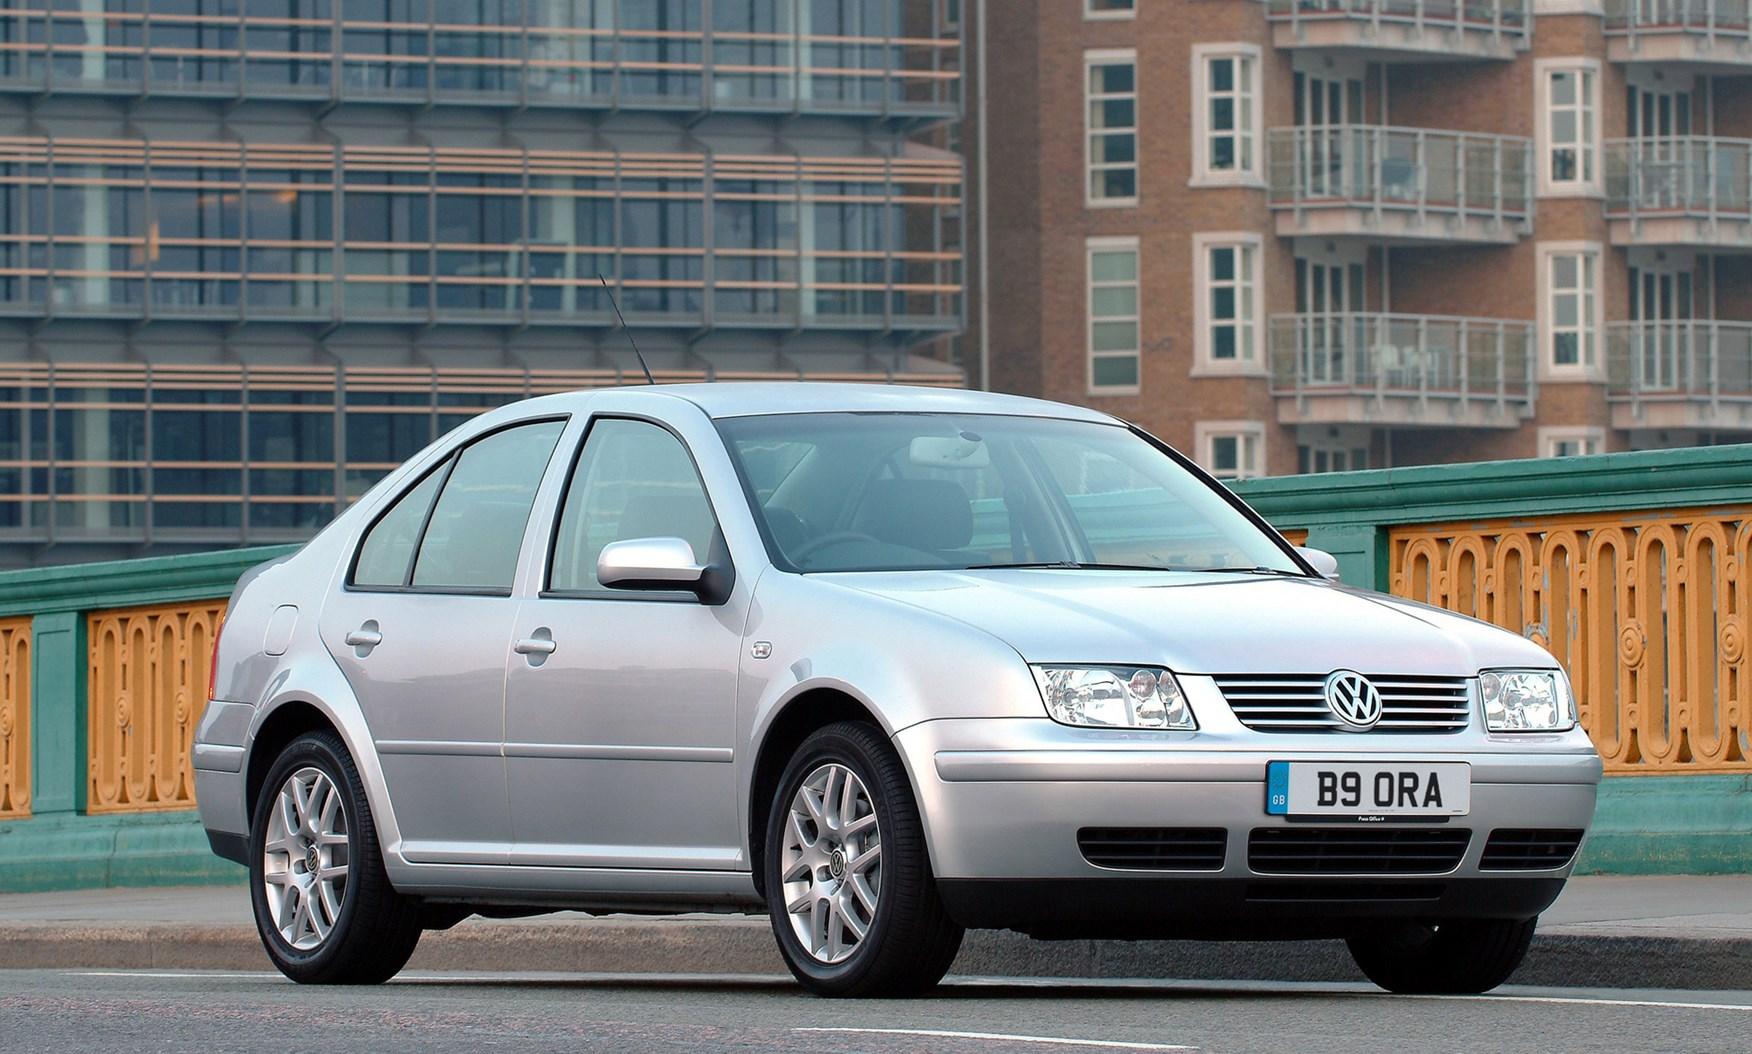 VW Touareg For Sale >> Volkswagen Bora Saloon (1999 - 2005) Photos | Parkers